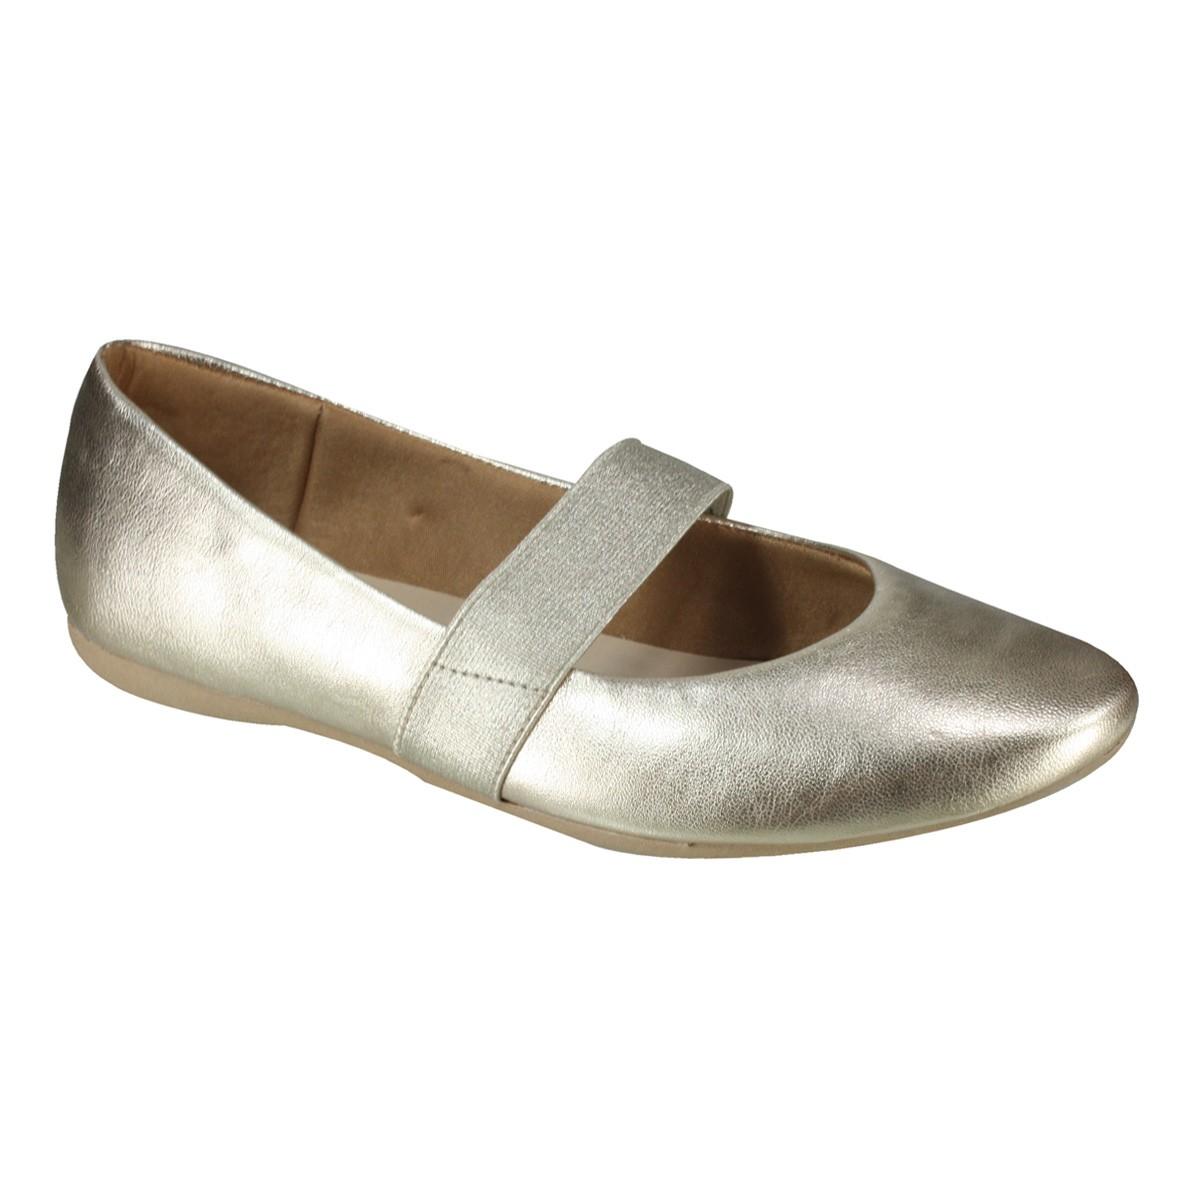 ef3e7c8e67 Sapato Boneca Usaflex T7503 50 - Dourado (Mestiço) - Calçados Online ...